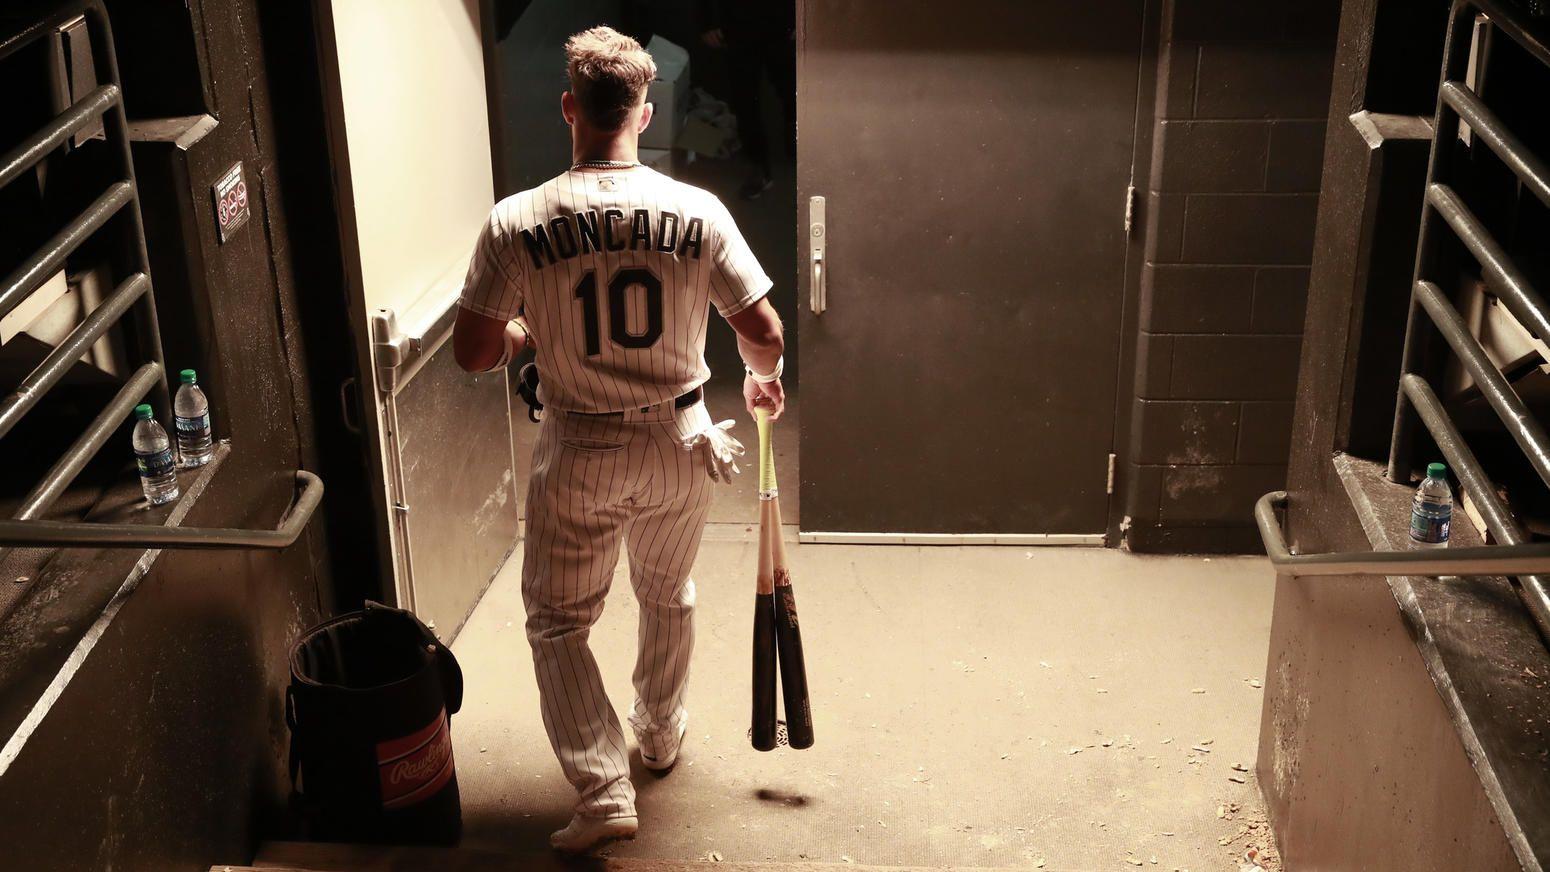 Moncada quiere olvidar su destrosa temporada del 2018. Foto: Nuccio DiNuzzo / Chicago Tribune